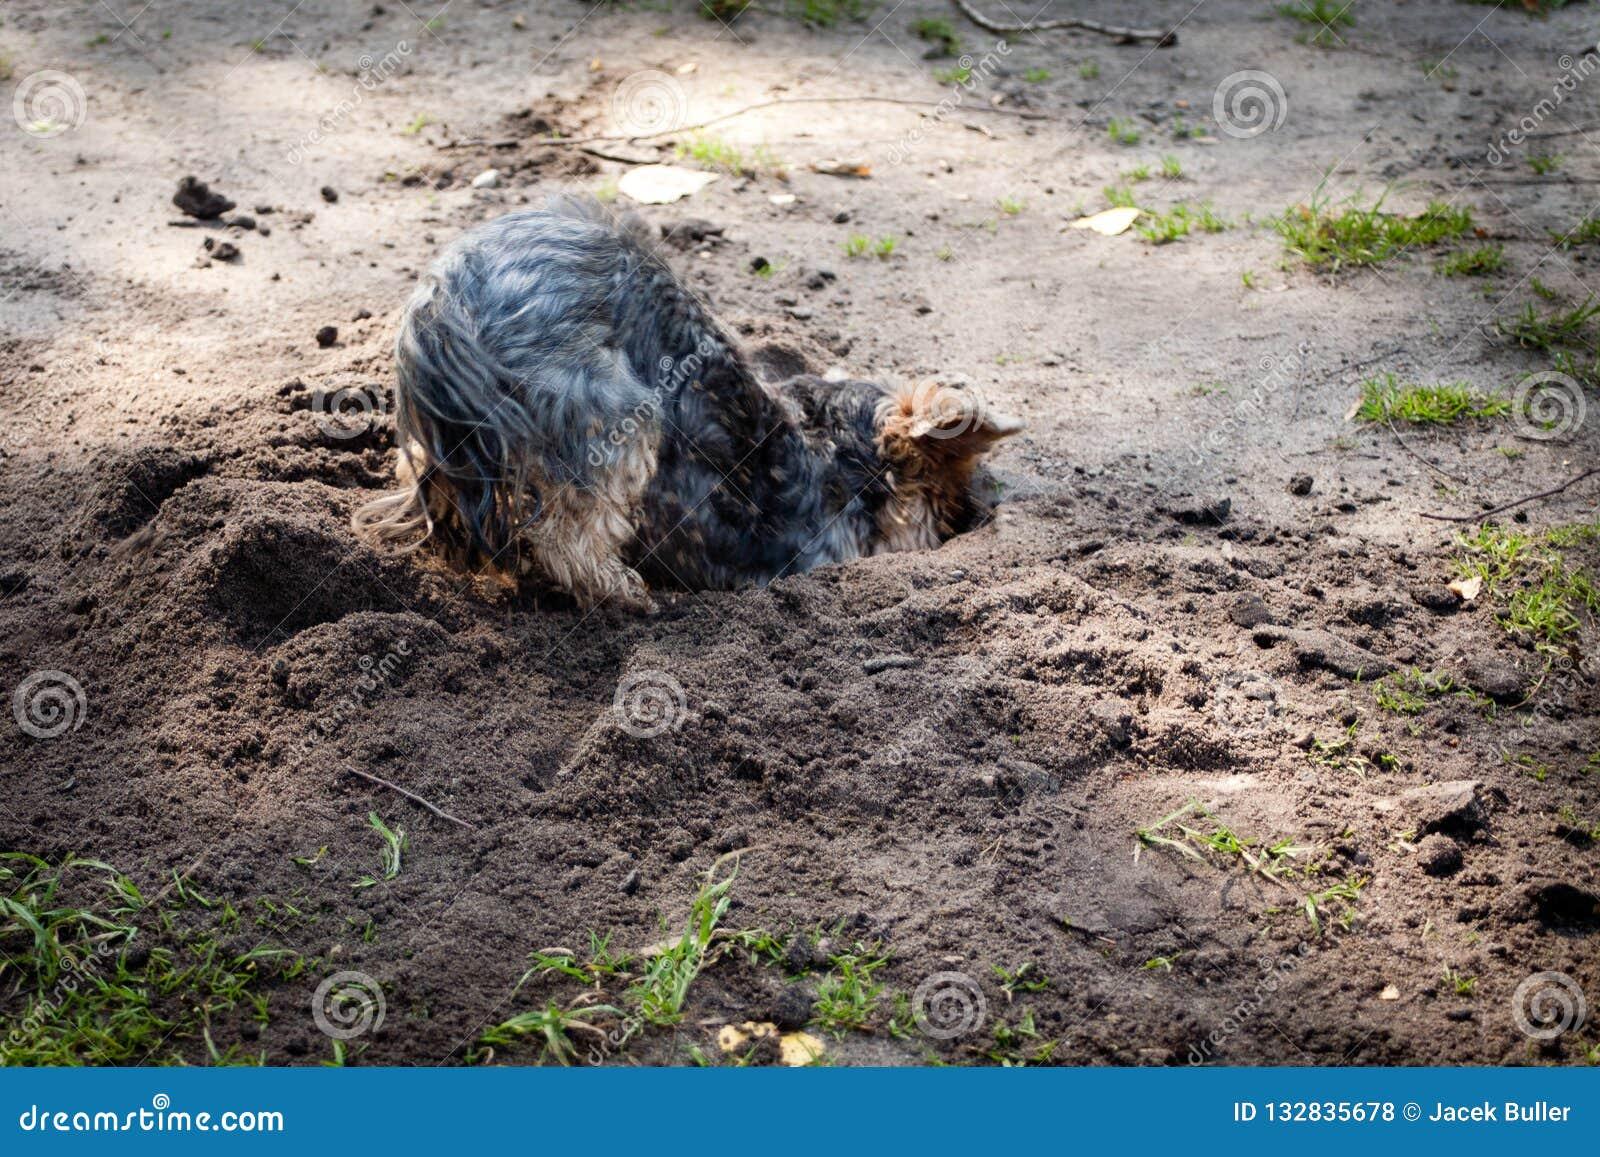 Yorkshire Terrier is een klein die hondras van terriërtype, tijdens de 19de eeuw in Yorkshire, Engeland wordt ontwikkeld, ratten